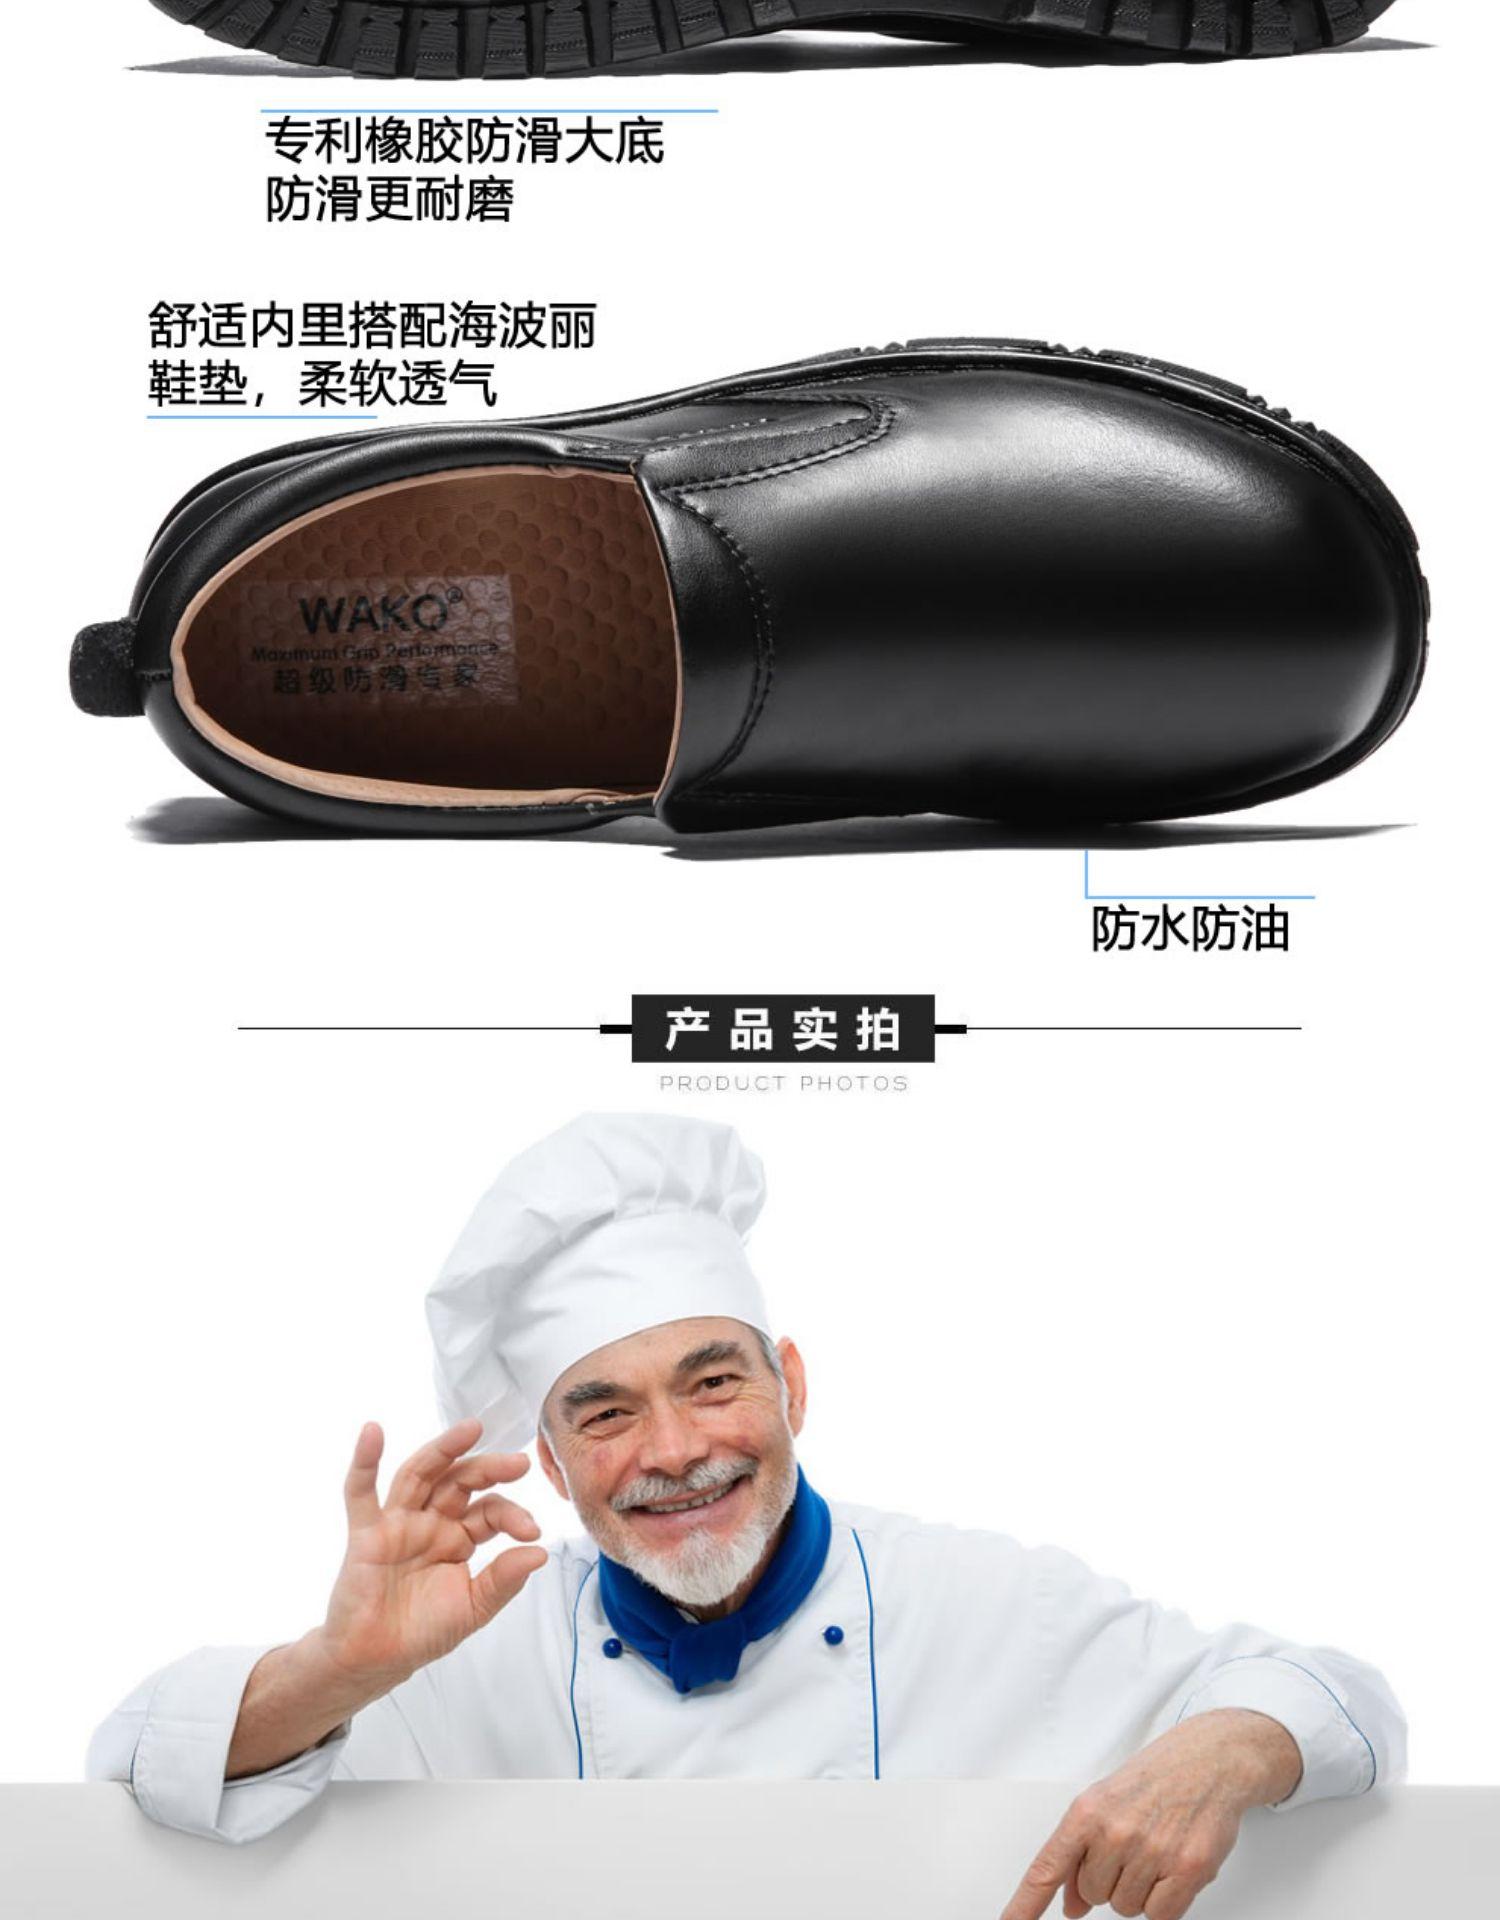 Miễn phí vận chuyển giày Wako trượt g đầu bếp, giày công việc bếp đàn ông trượt giày an toàn thoải mái mặc GFL9802